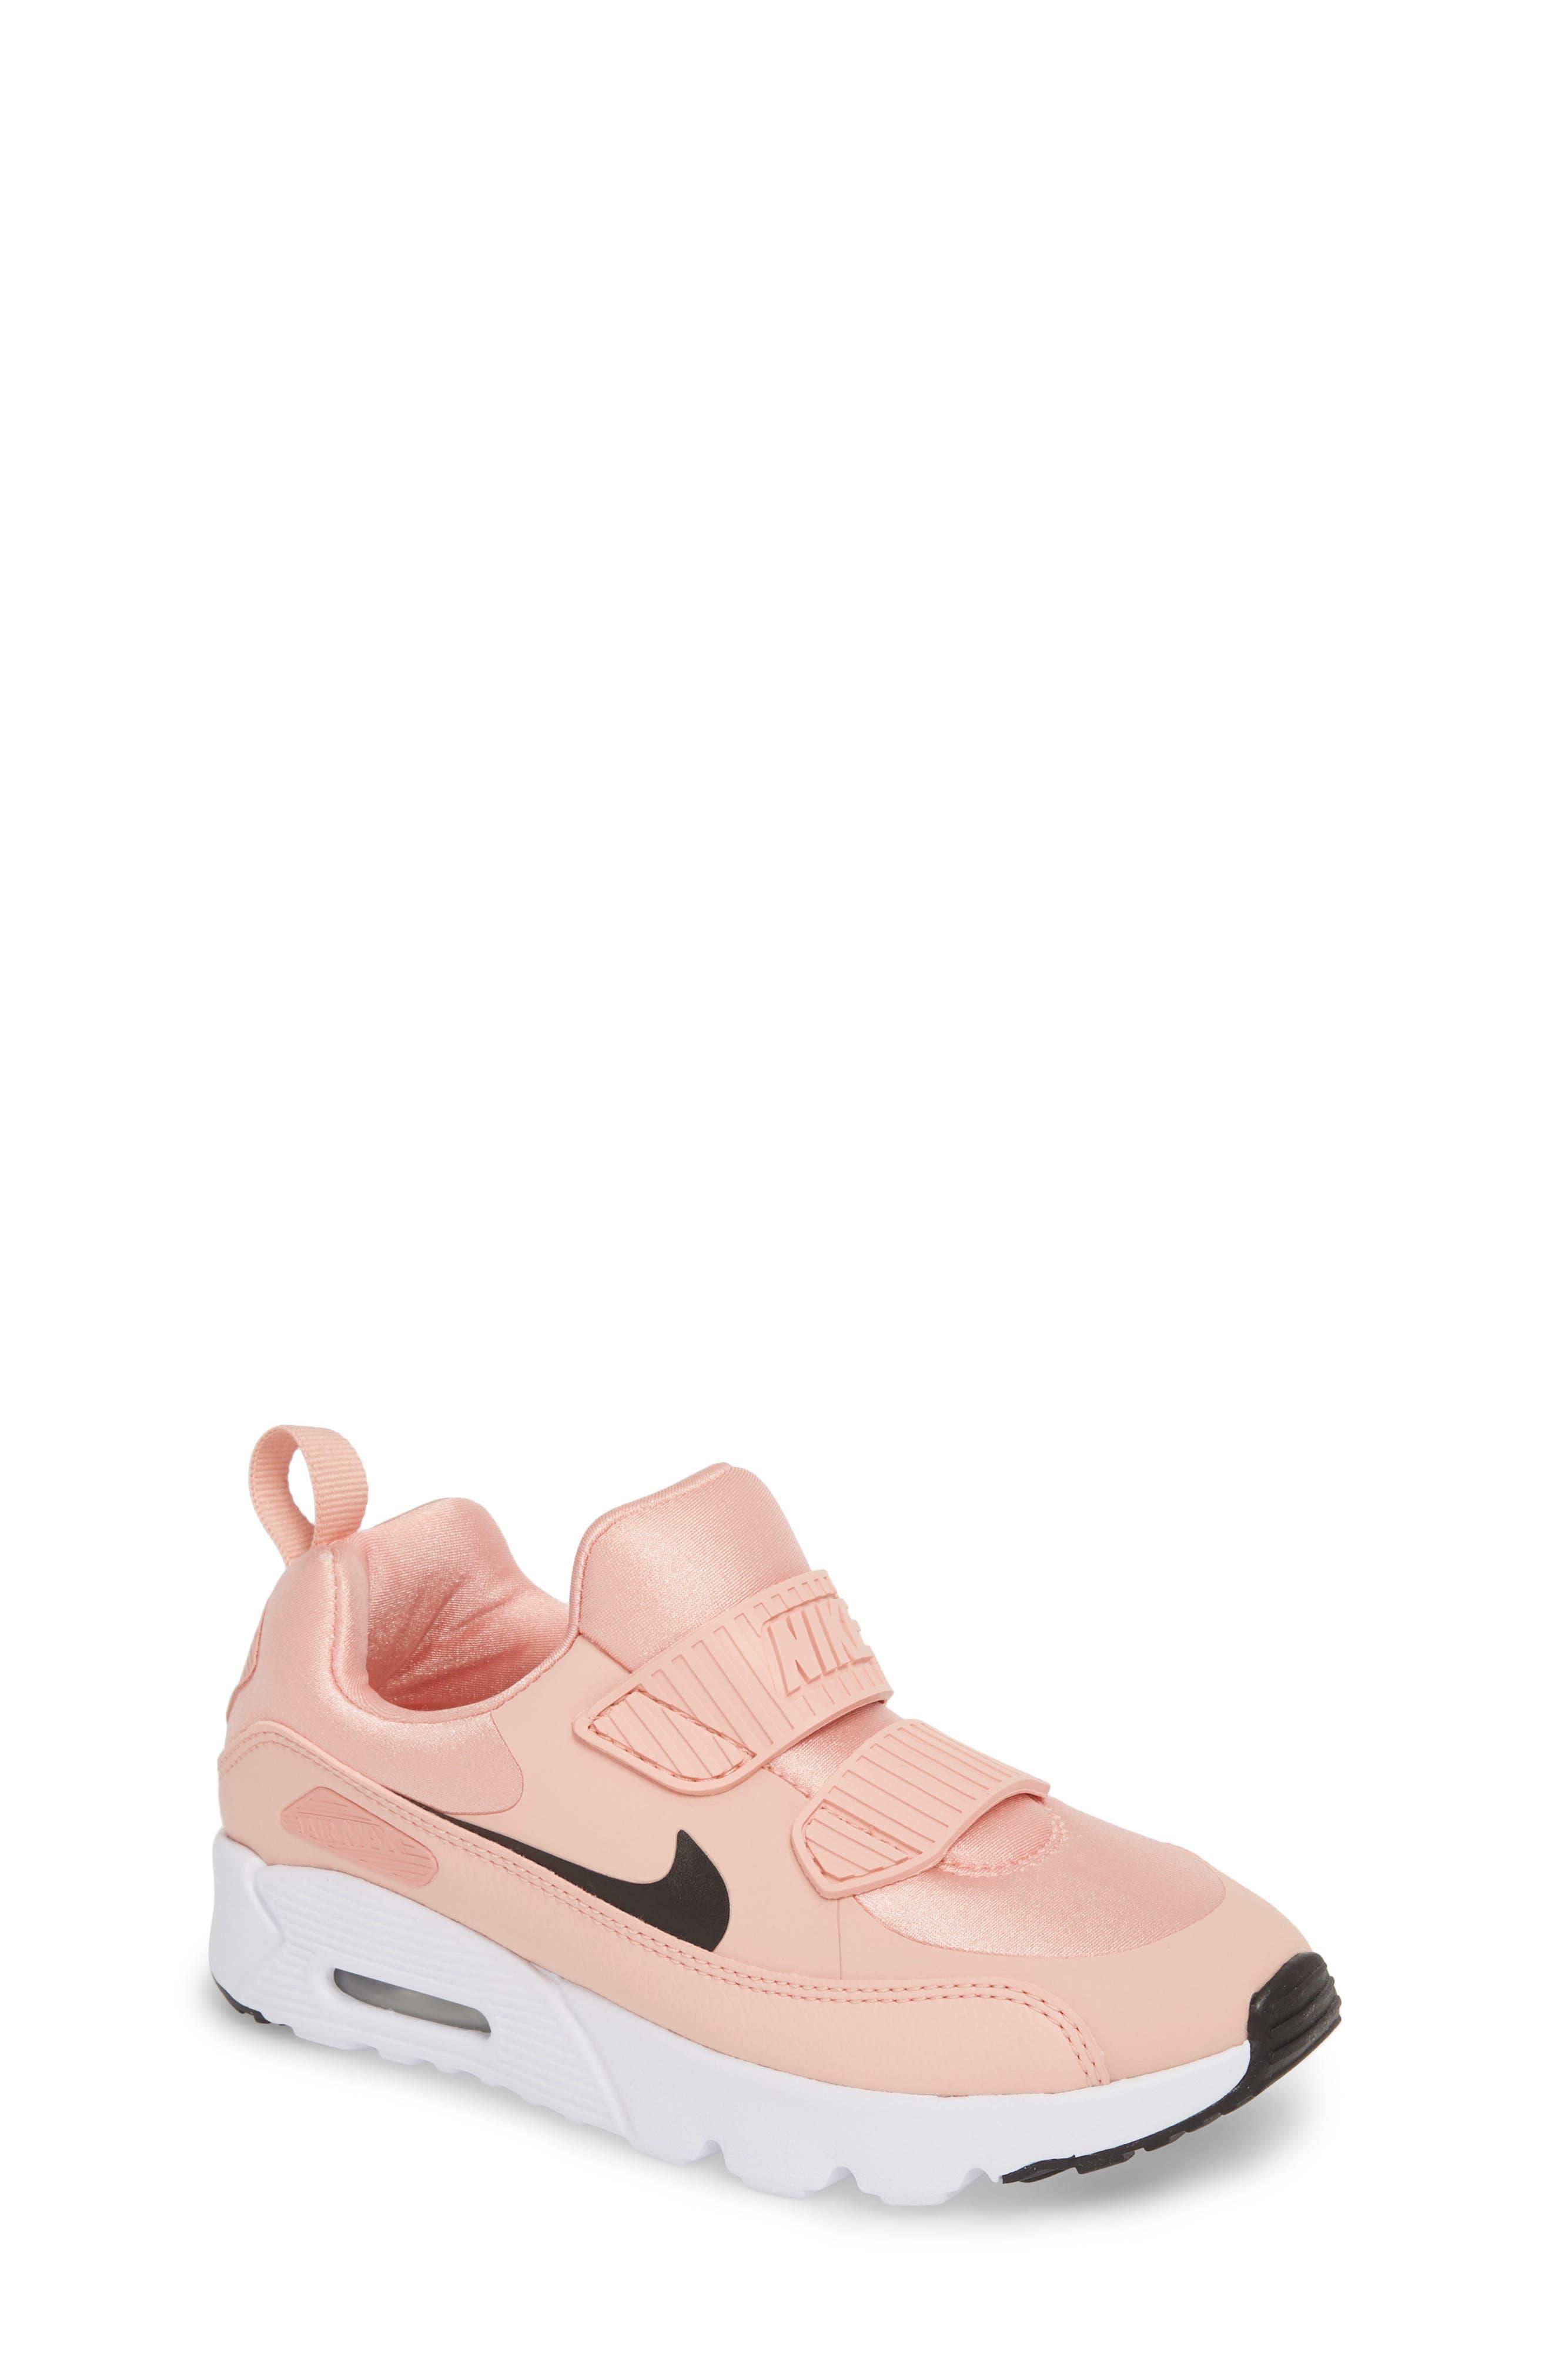 Air Max Tiny 90 Sneaker,                             Main thumbnail 1, color,                             955